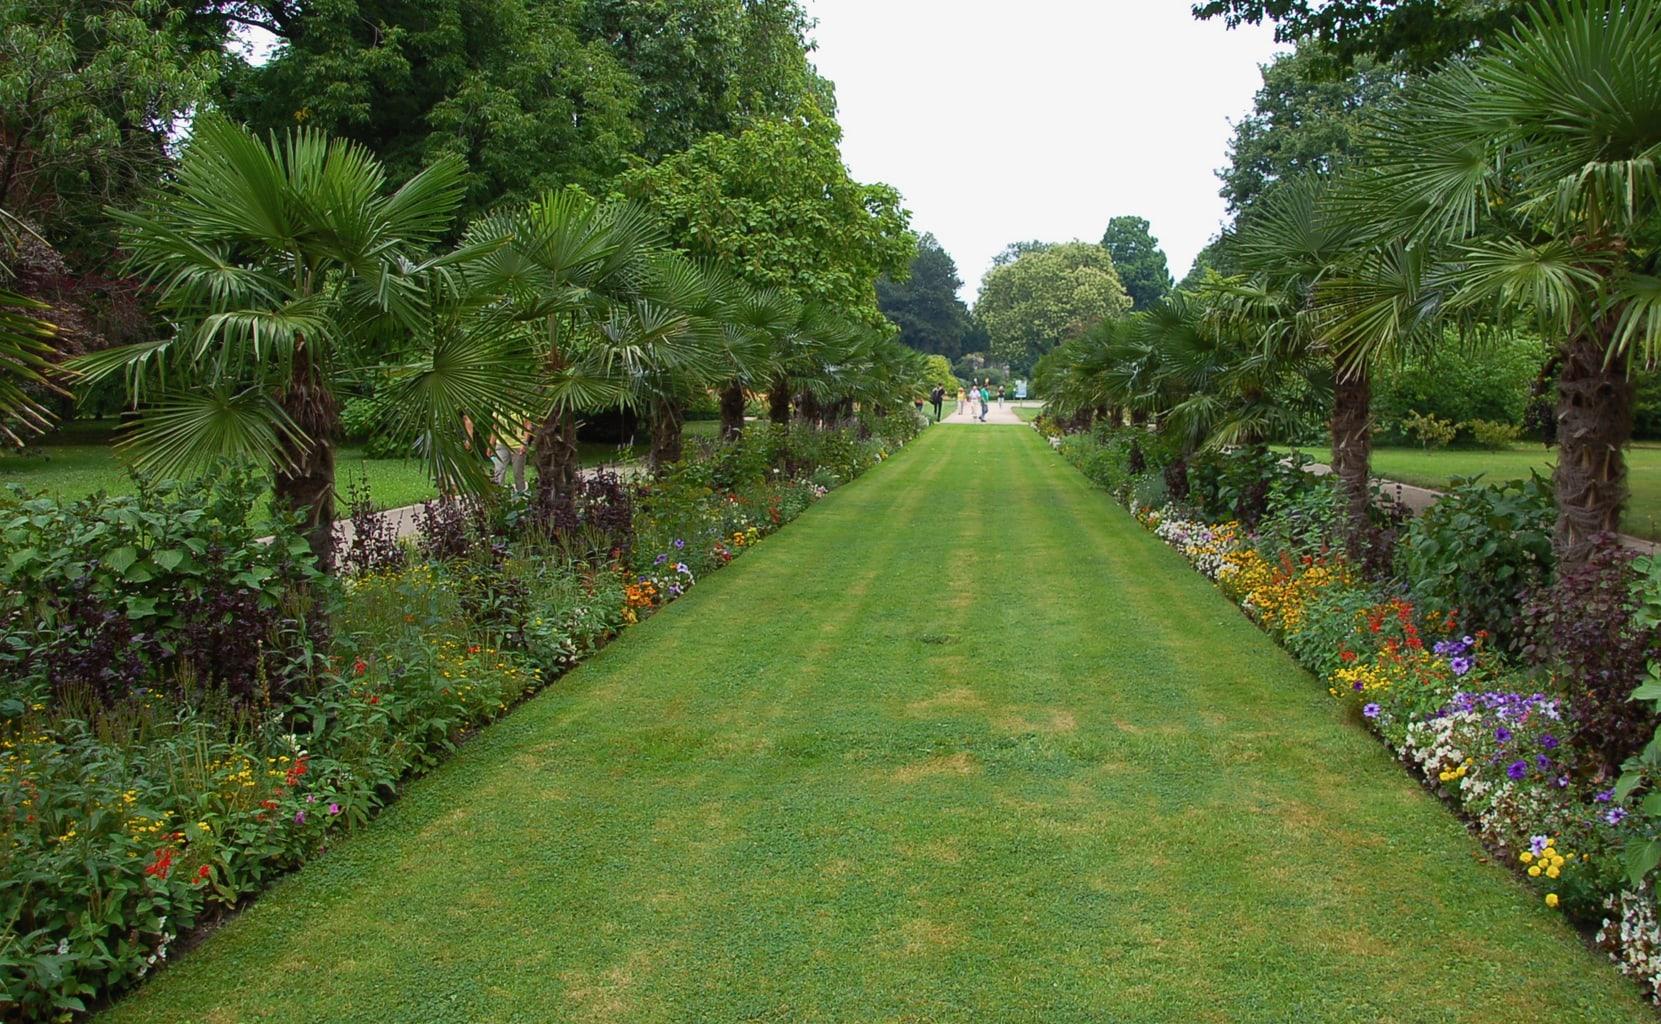 De Flora in Keulen is een van de mooiste tuinen in Duitsland mede dankzij de palmenallee